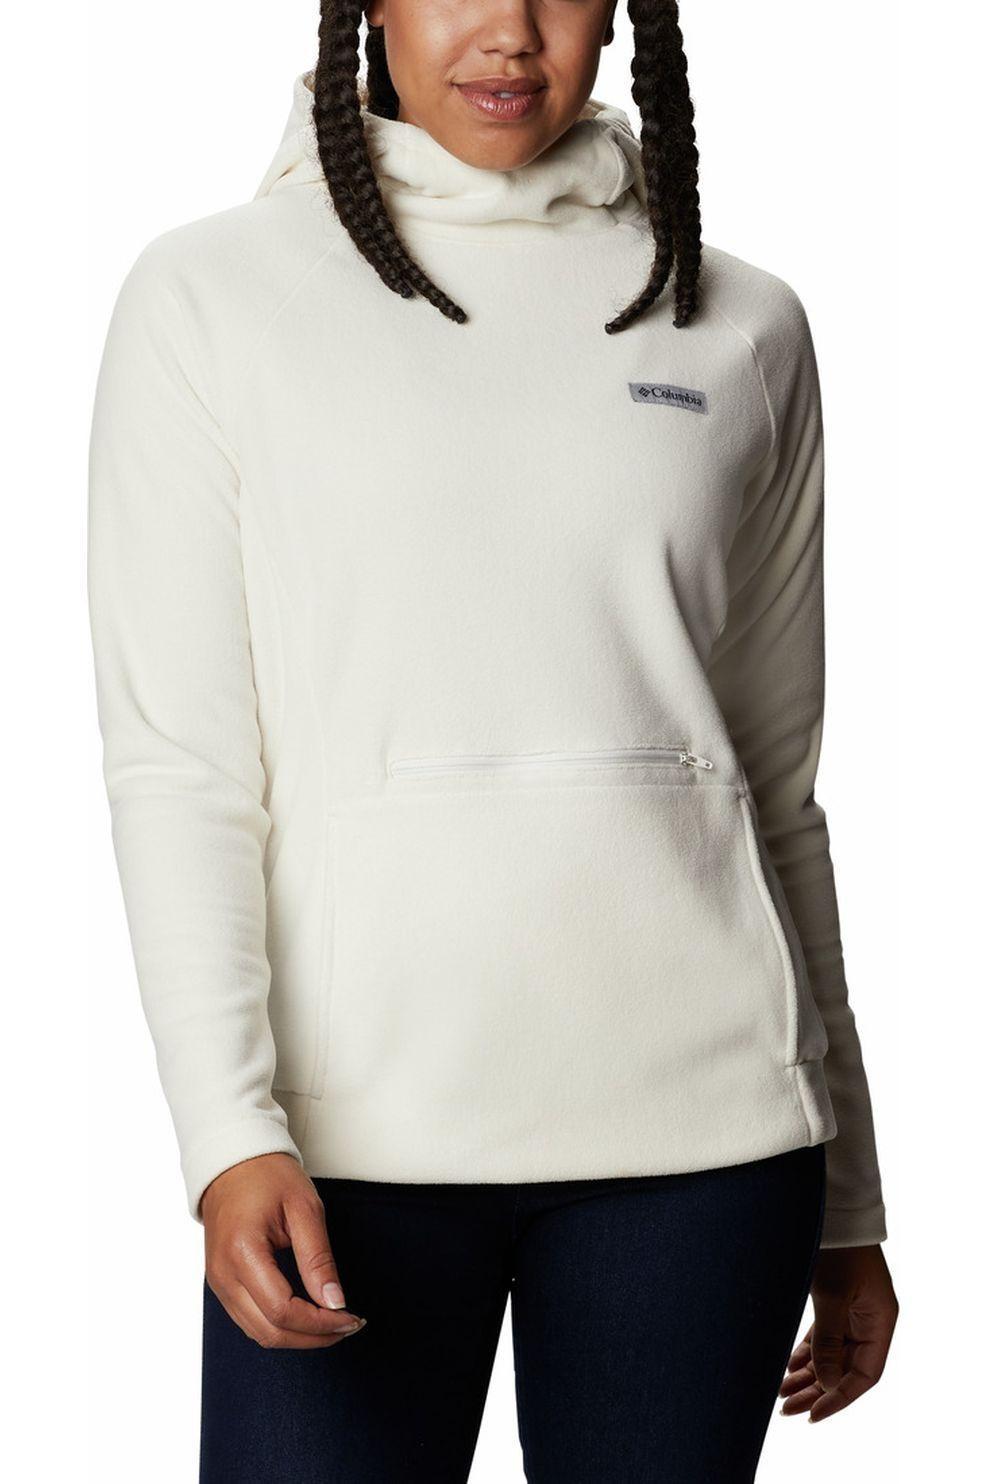 Columbia Trui Ali Peak Hooded Fleece voor dames - Wit - Maten: L, XL